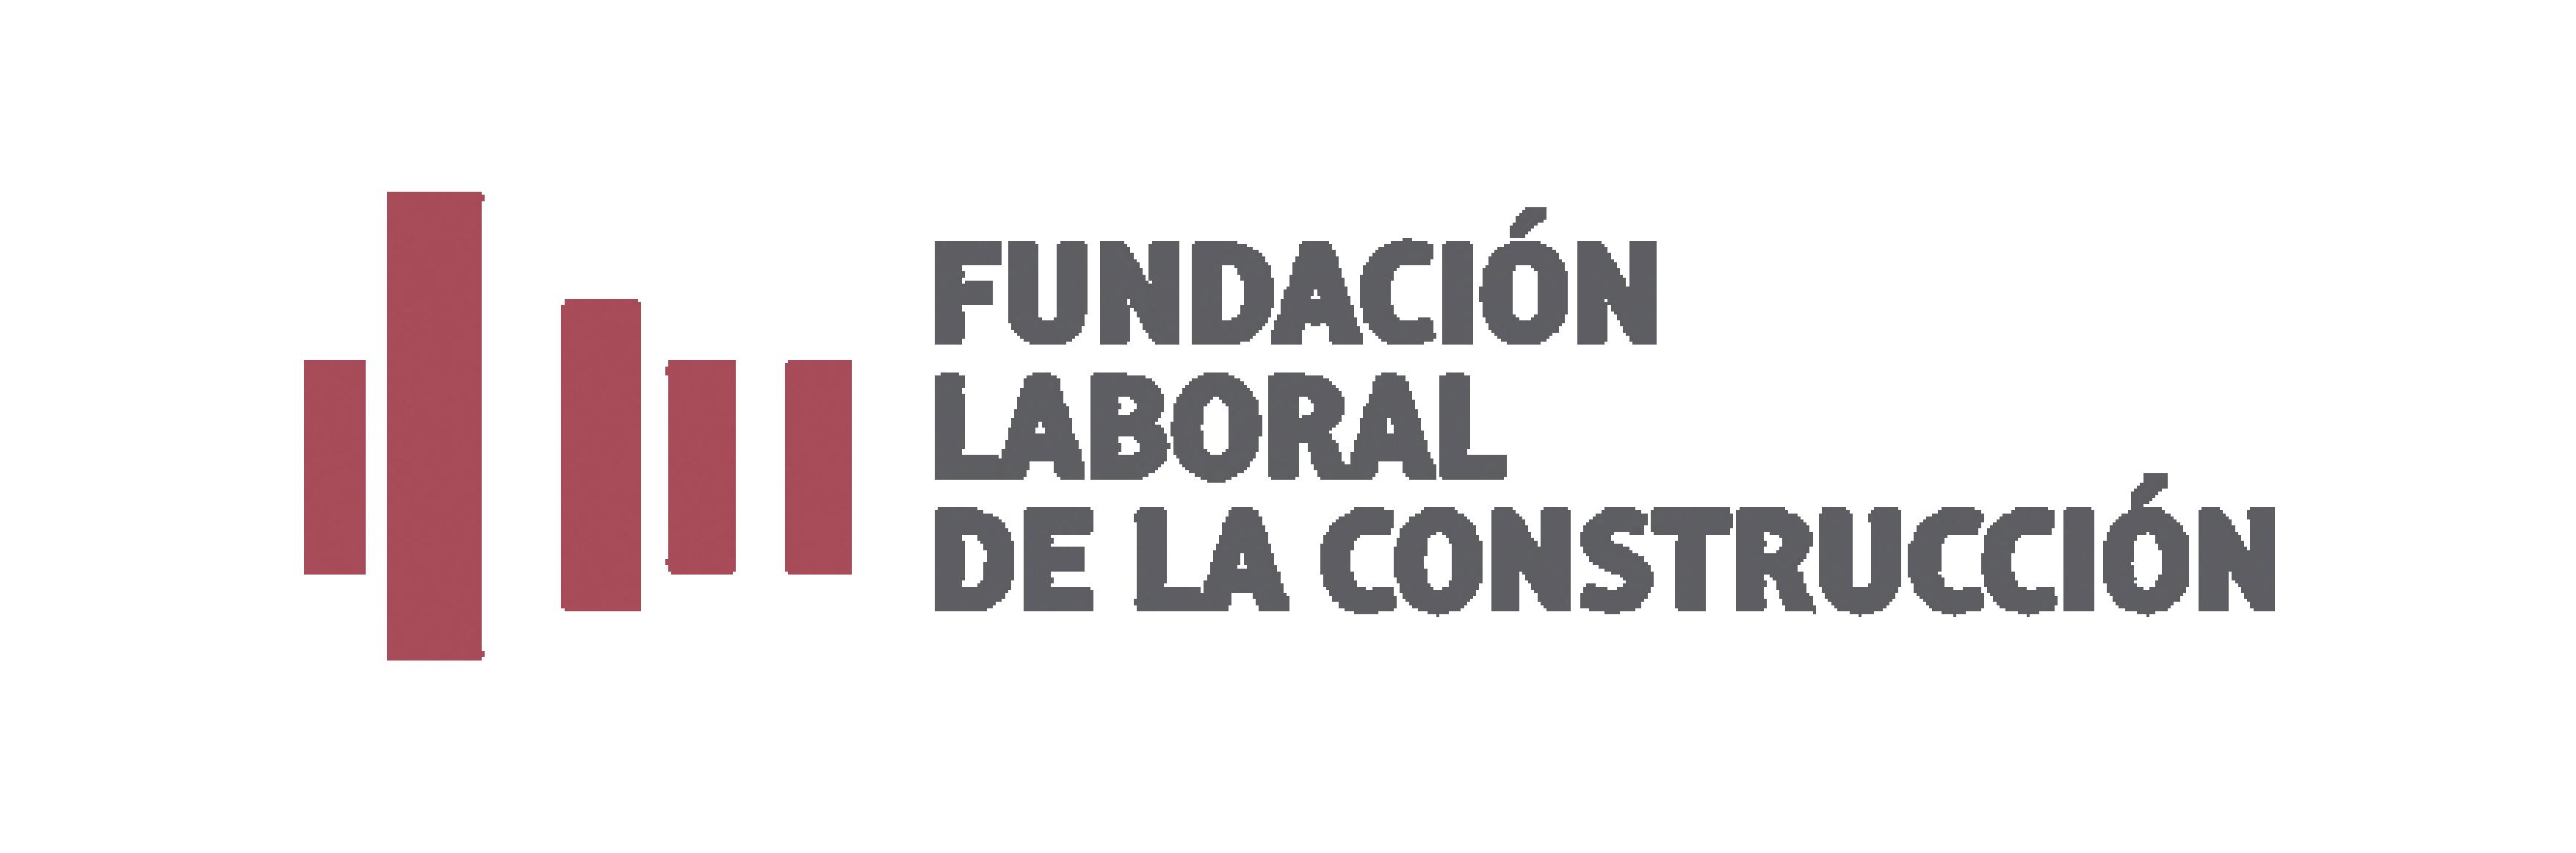 Fundacion Laboral Construccion logo